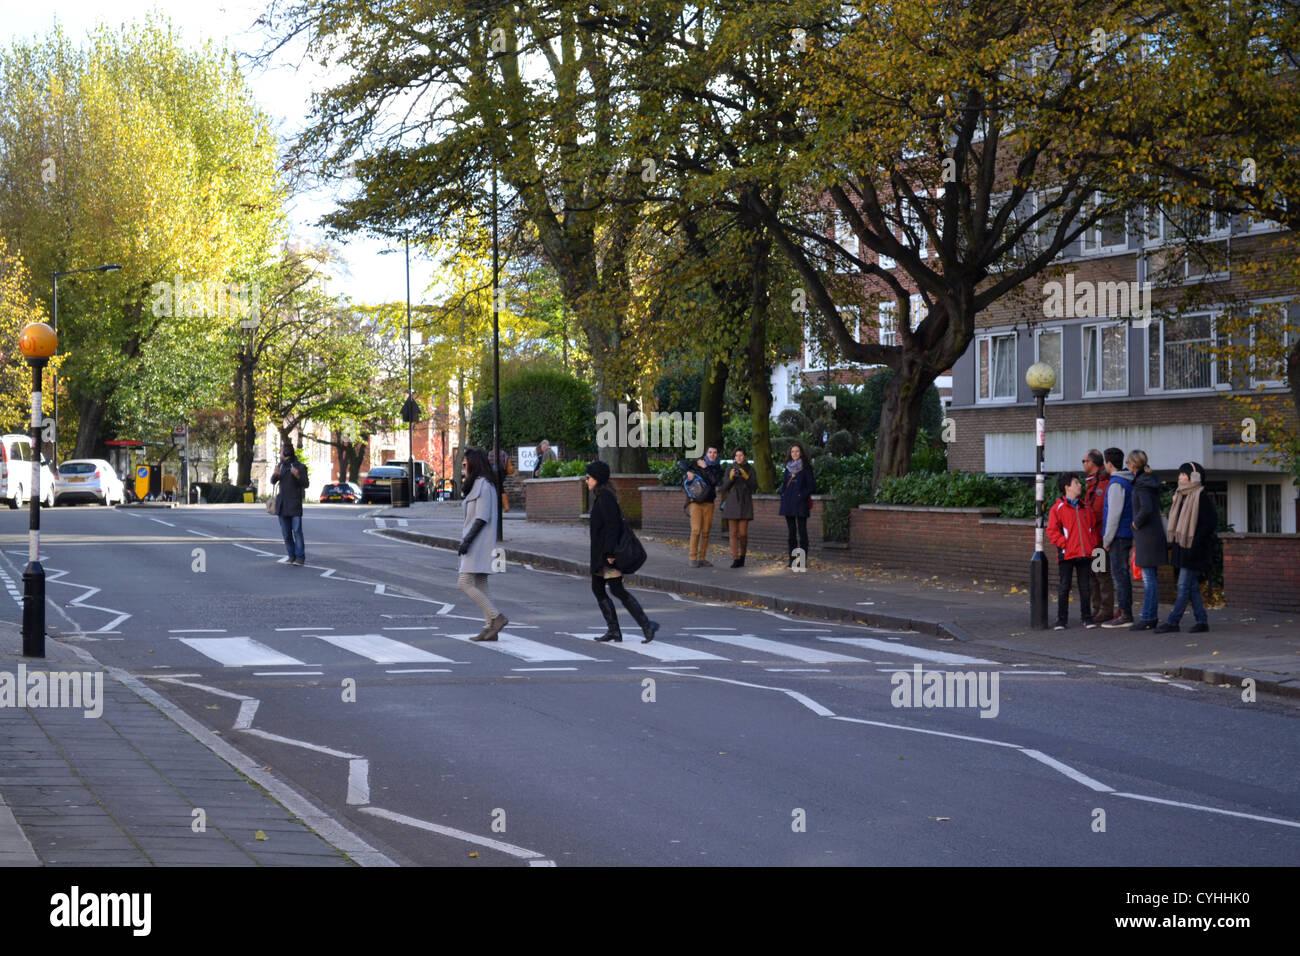 Crossing à l'extérieur les studios Abbey Road, Londres. Rendu célèbre par l'album Abbey Road des Beatles. Banque D'Images